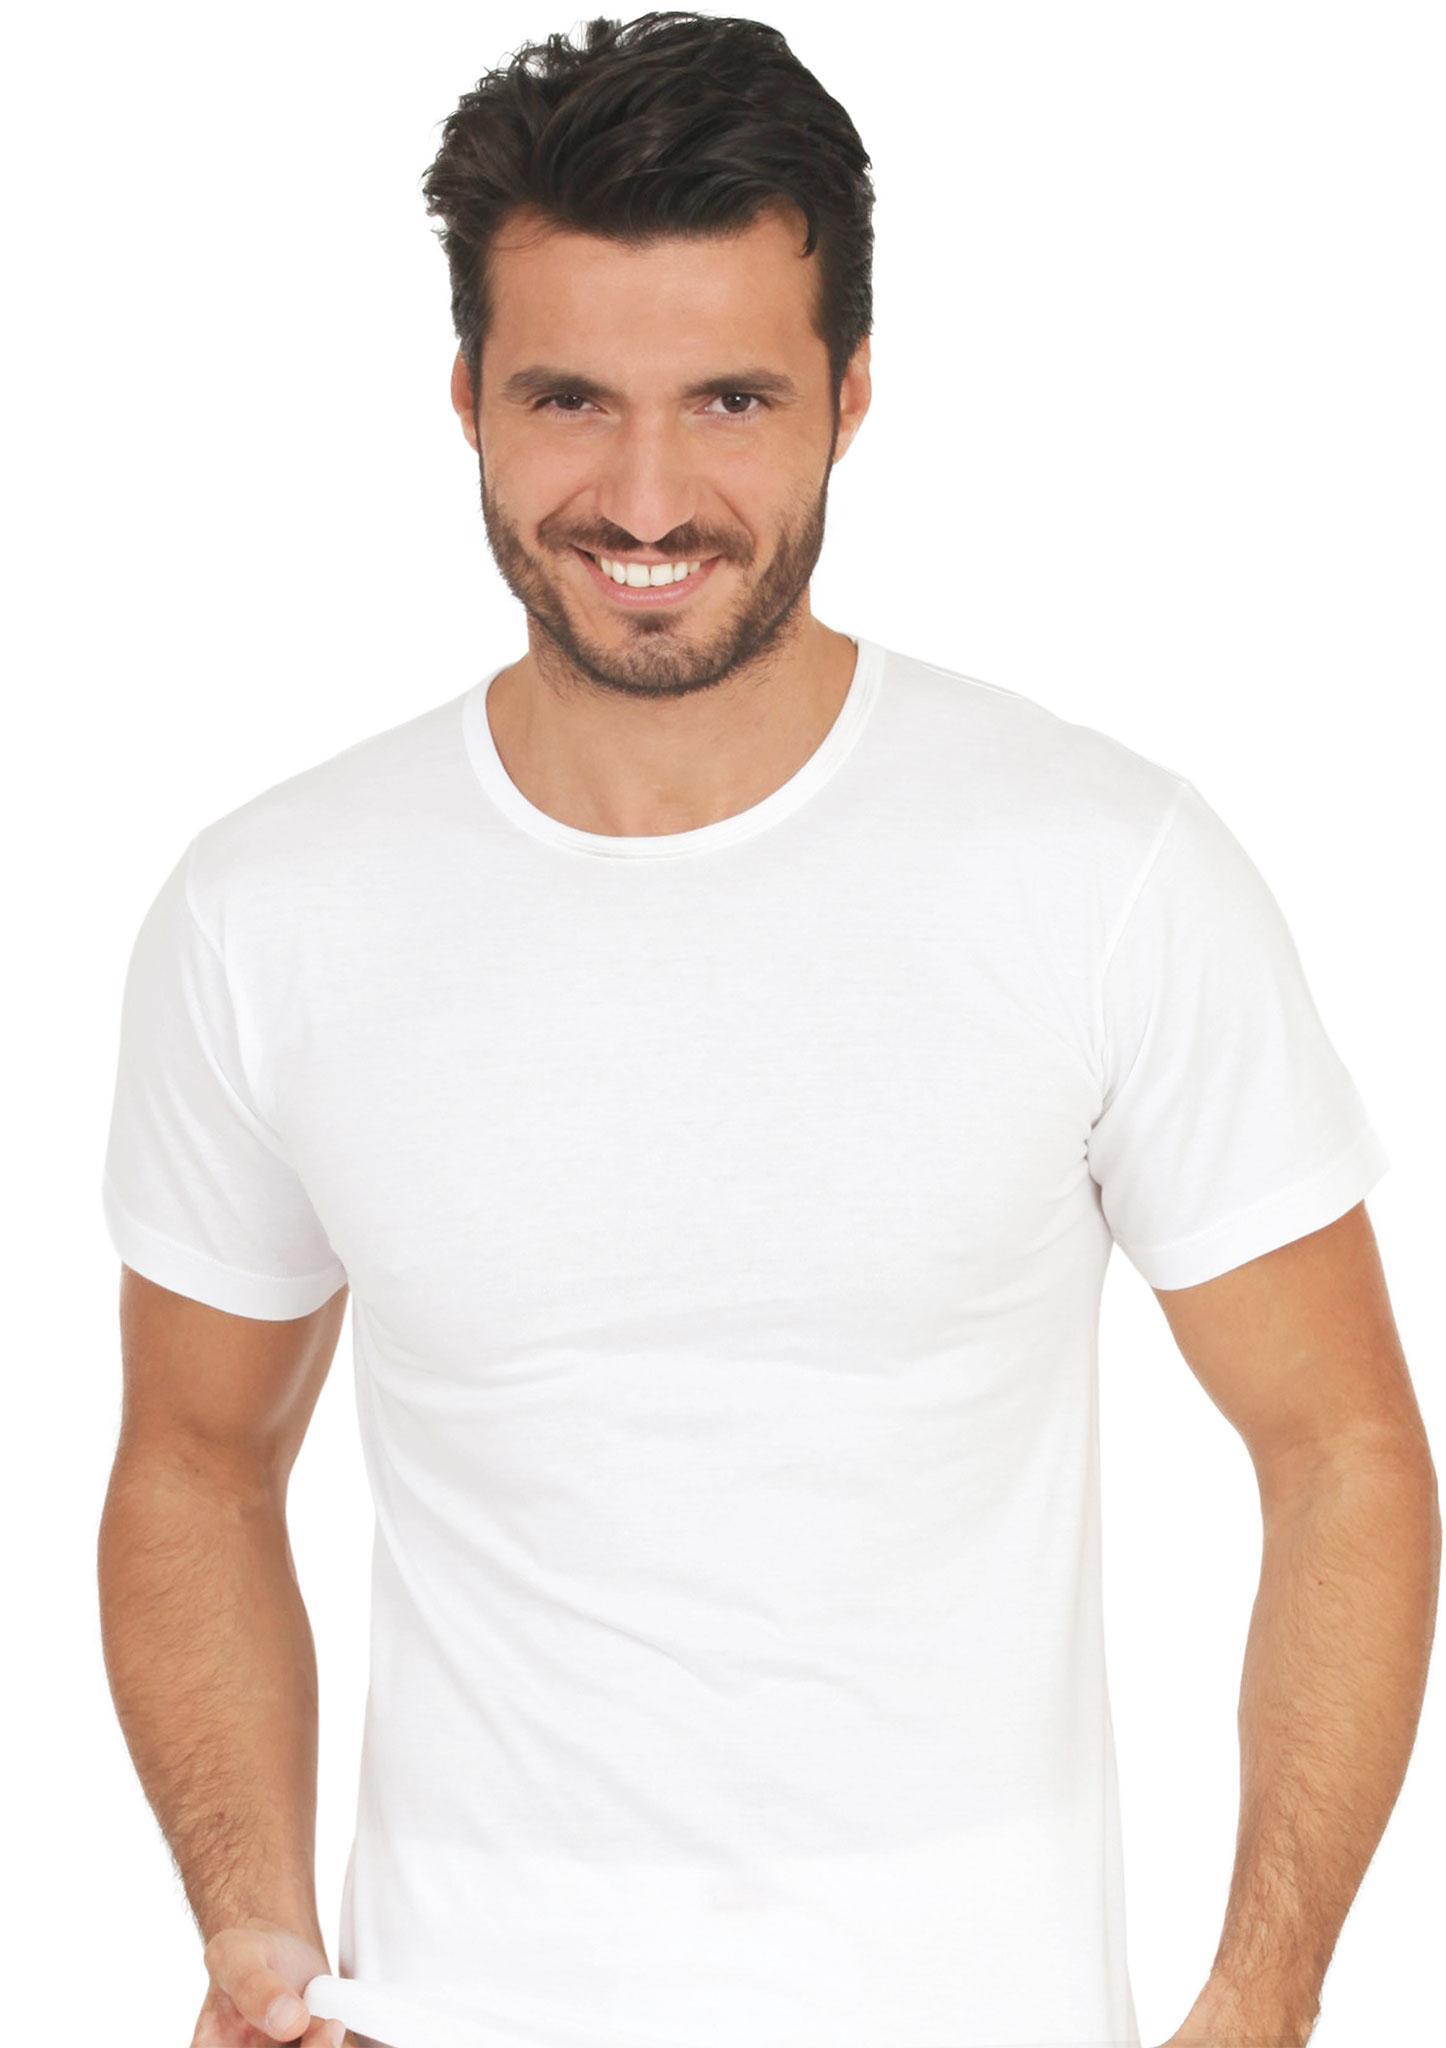 Maglietta intimo Uomo 100% Cotone Bianca